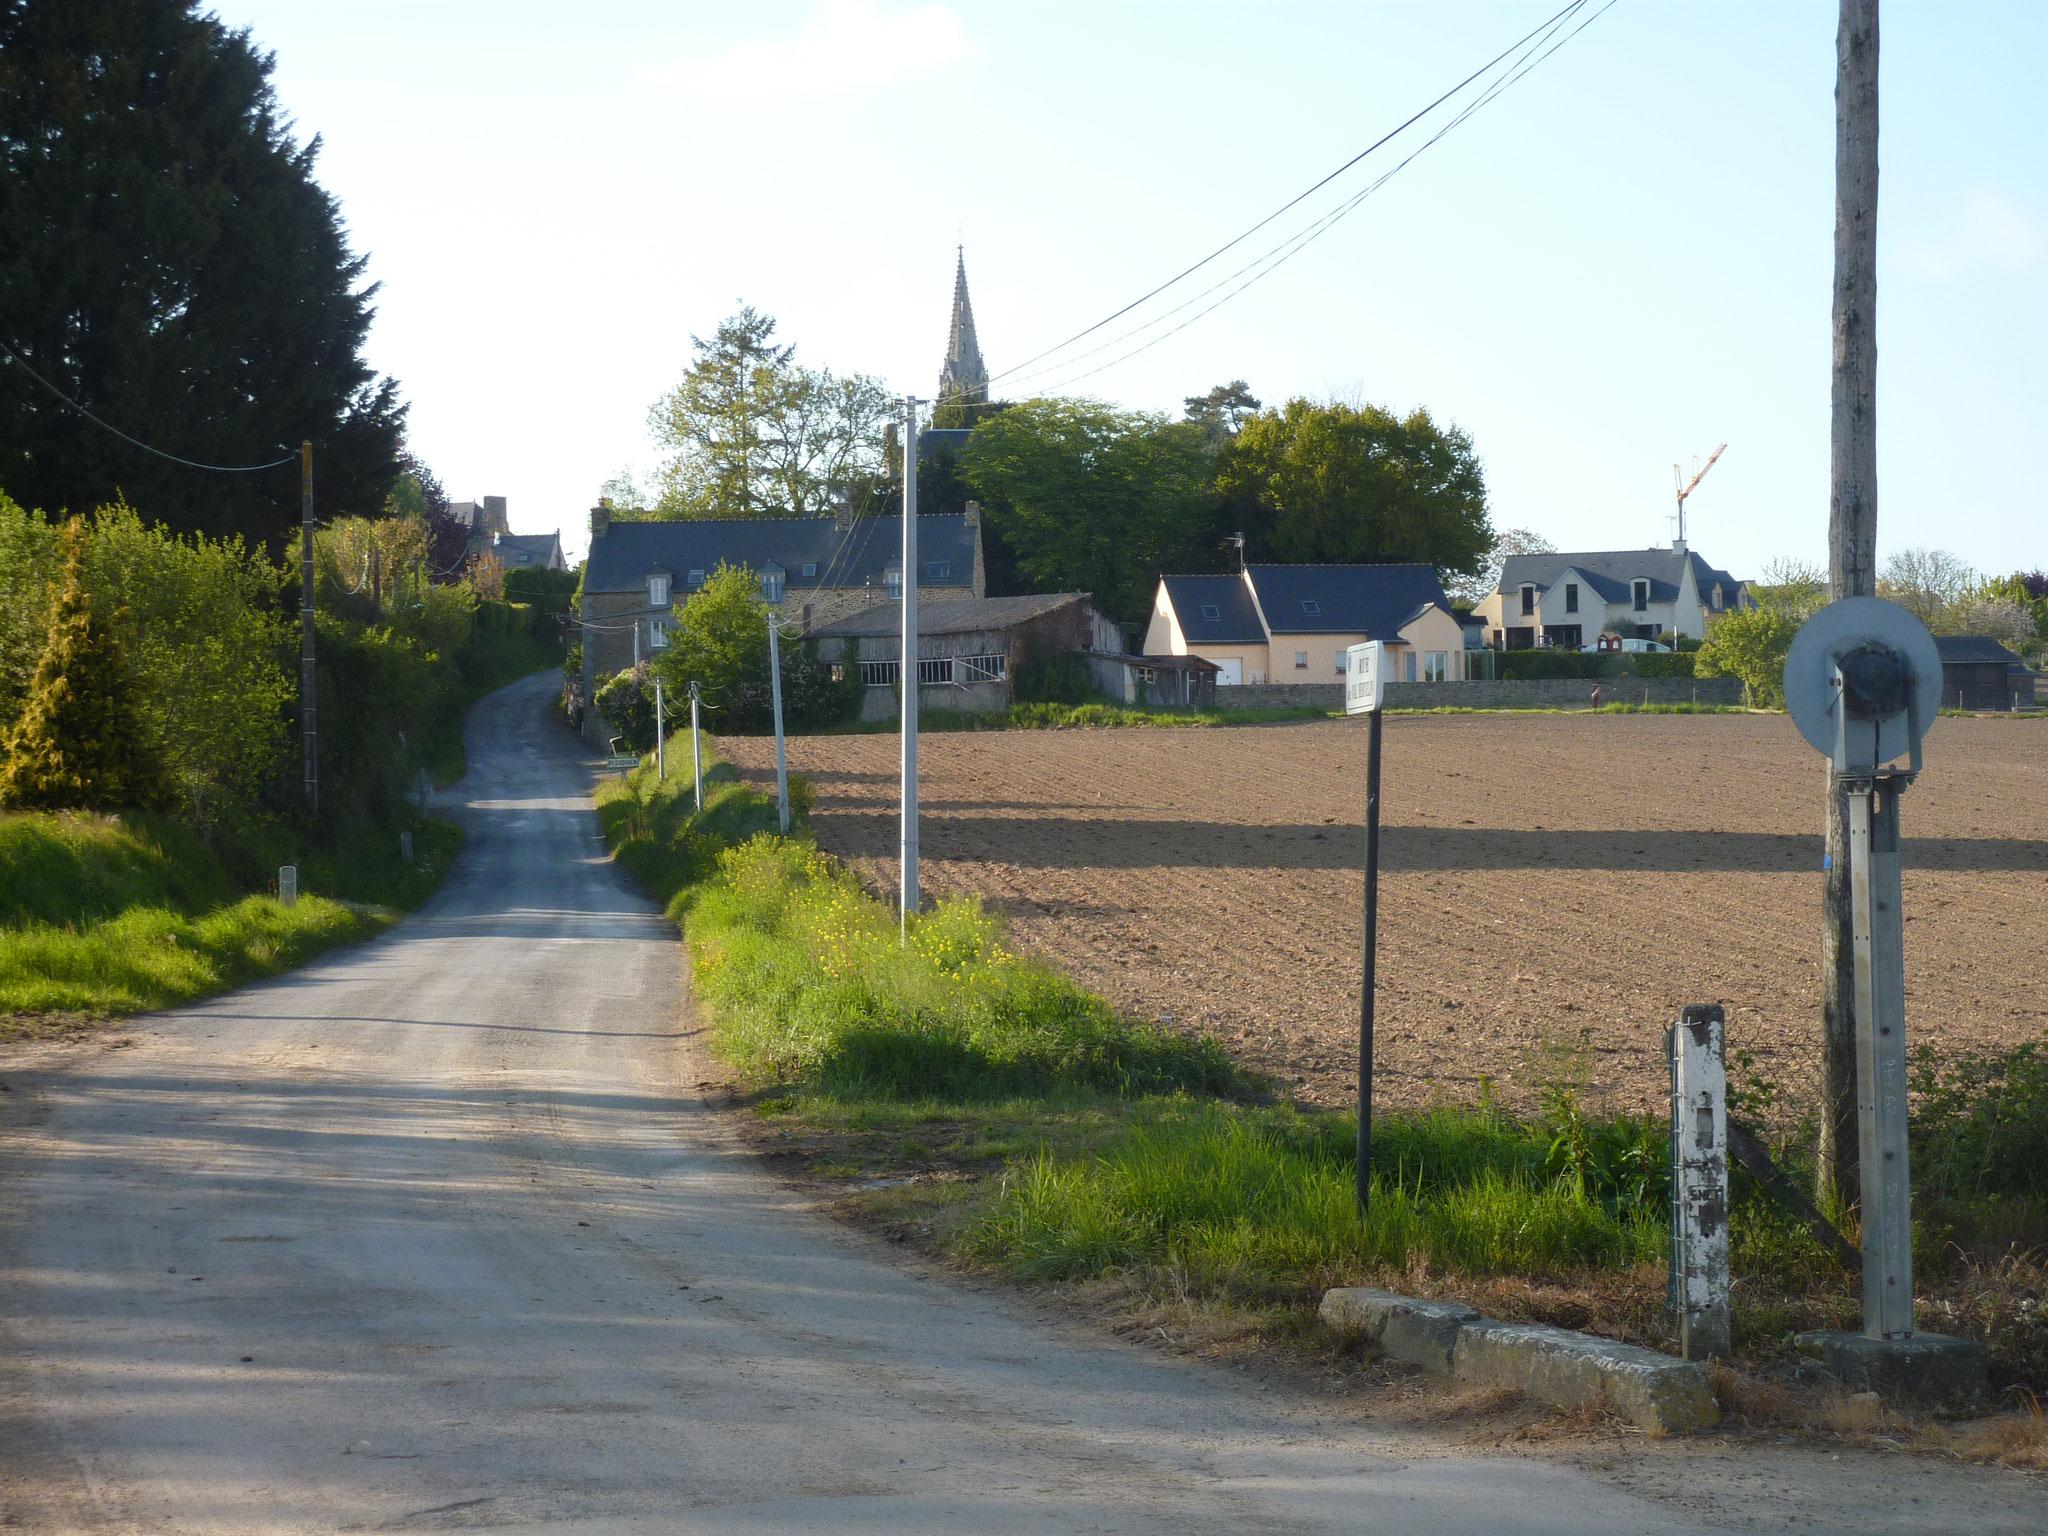 Arrivée au village de Pleudihen par la route de Dinan.2017 copyright collection personnelle